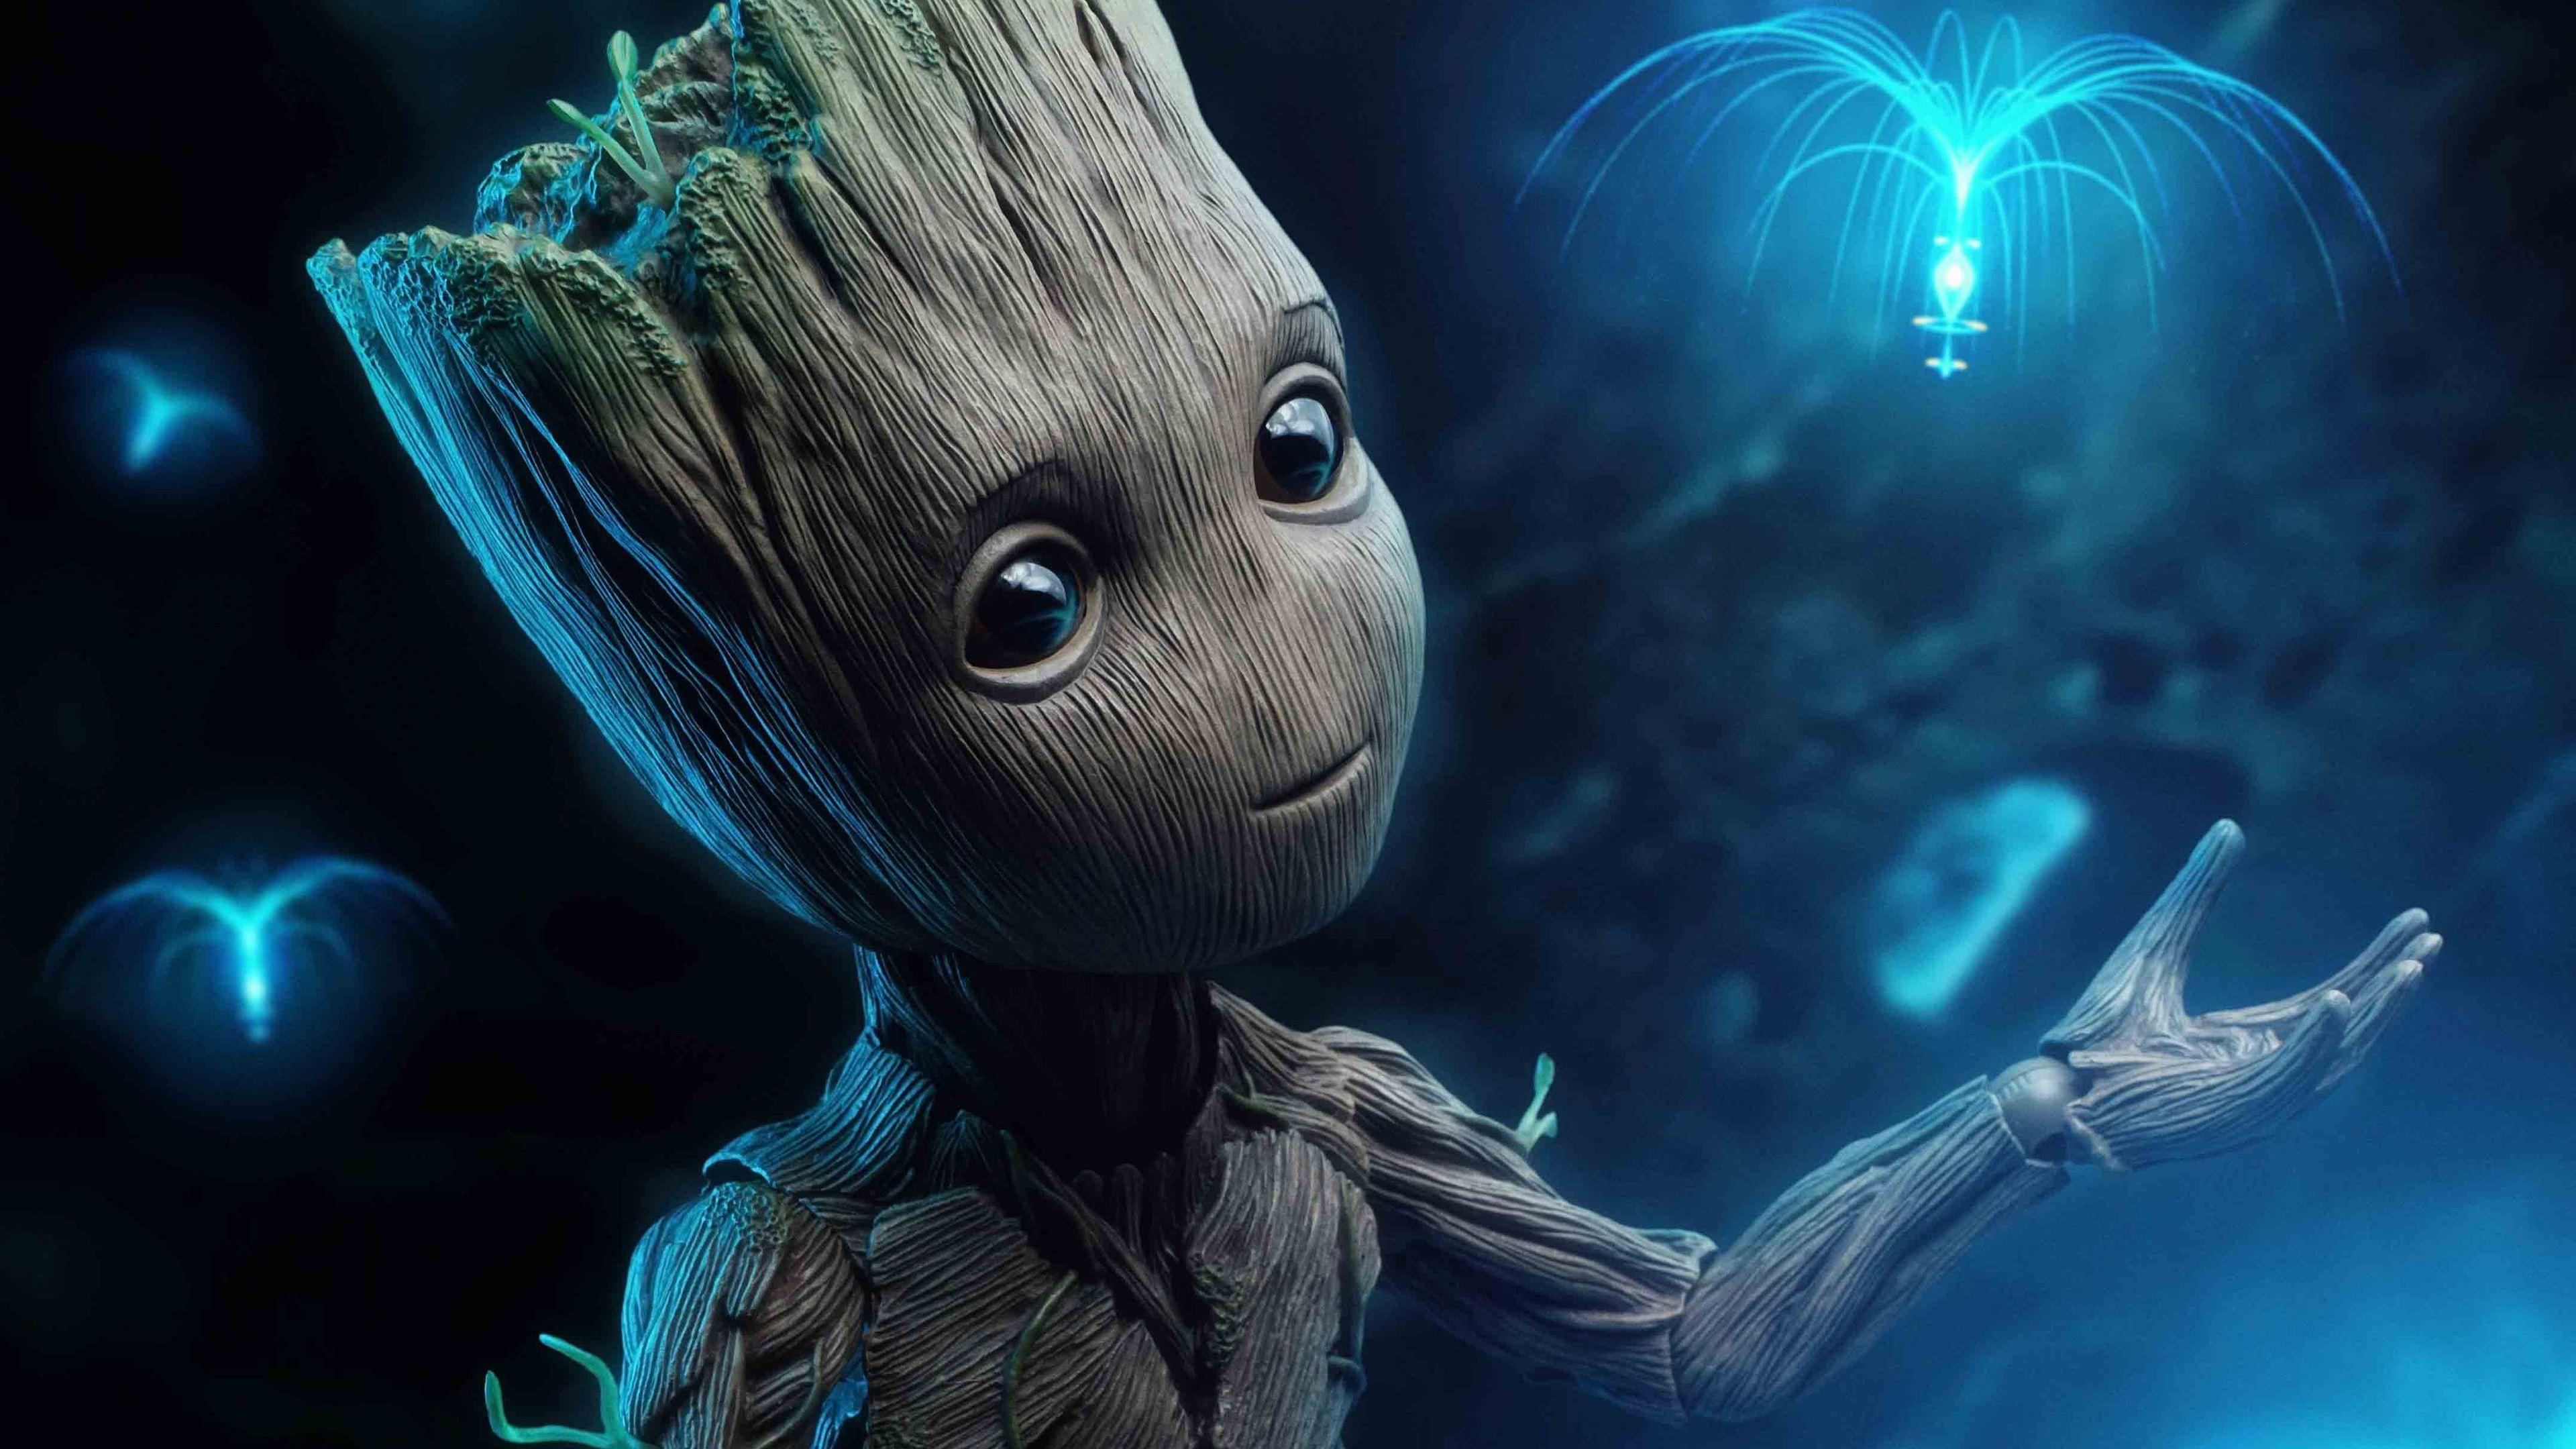 Baby Groot 4k Superheroes Wallpapers Hd Wallpapers Baby